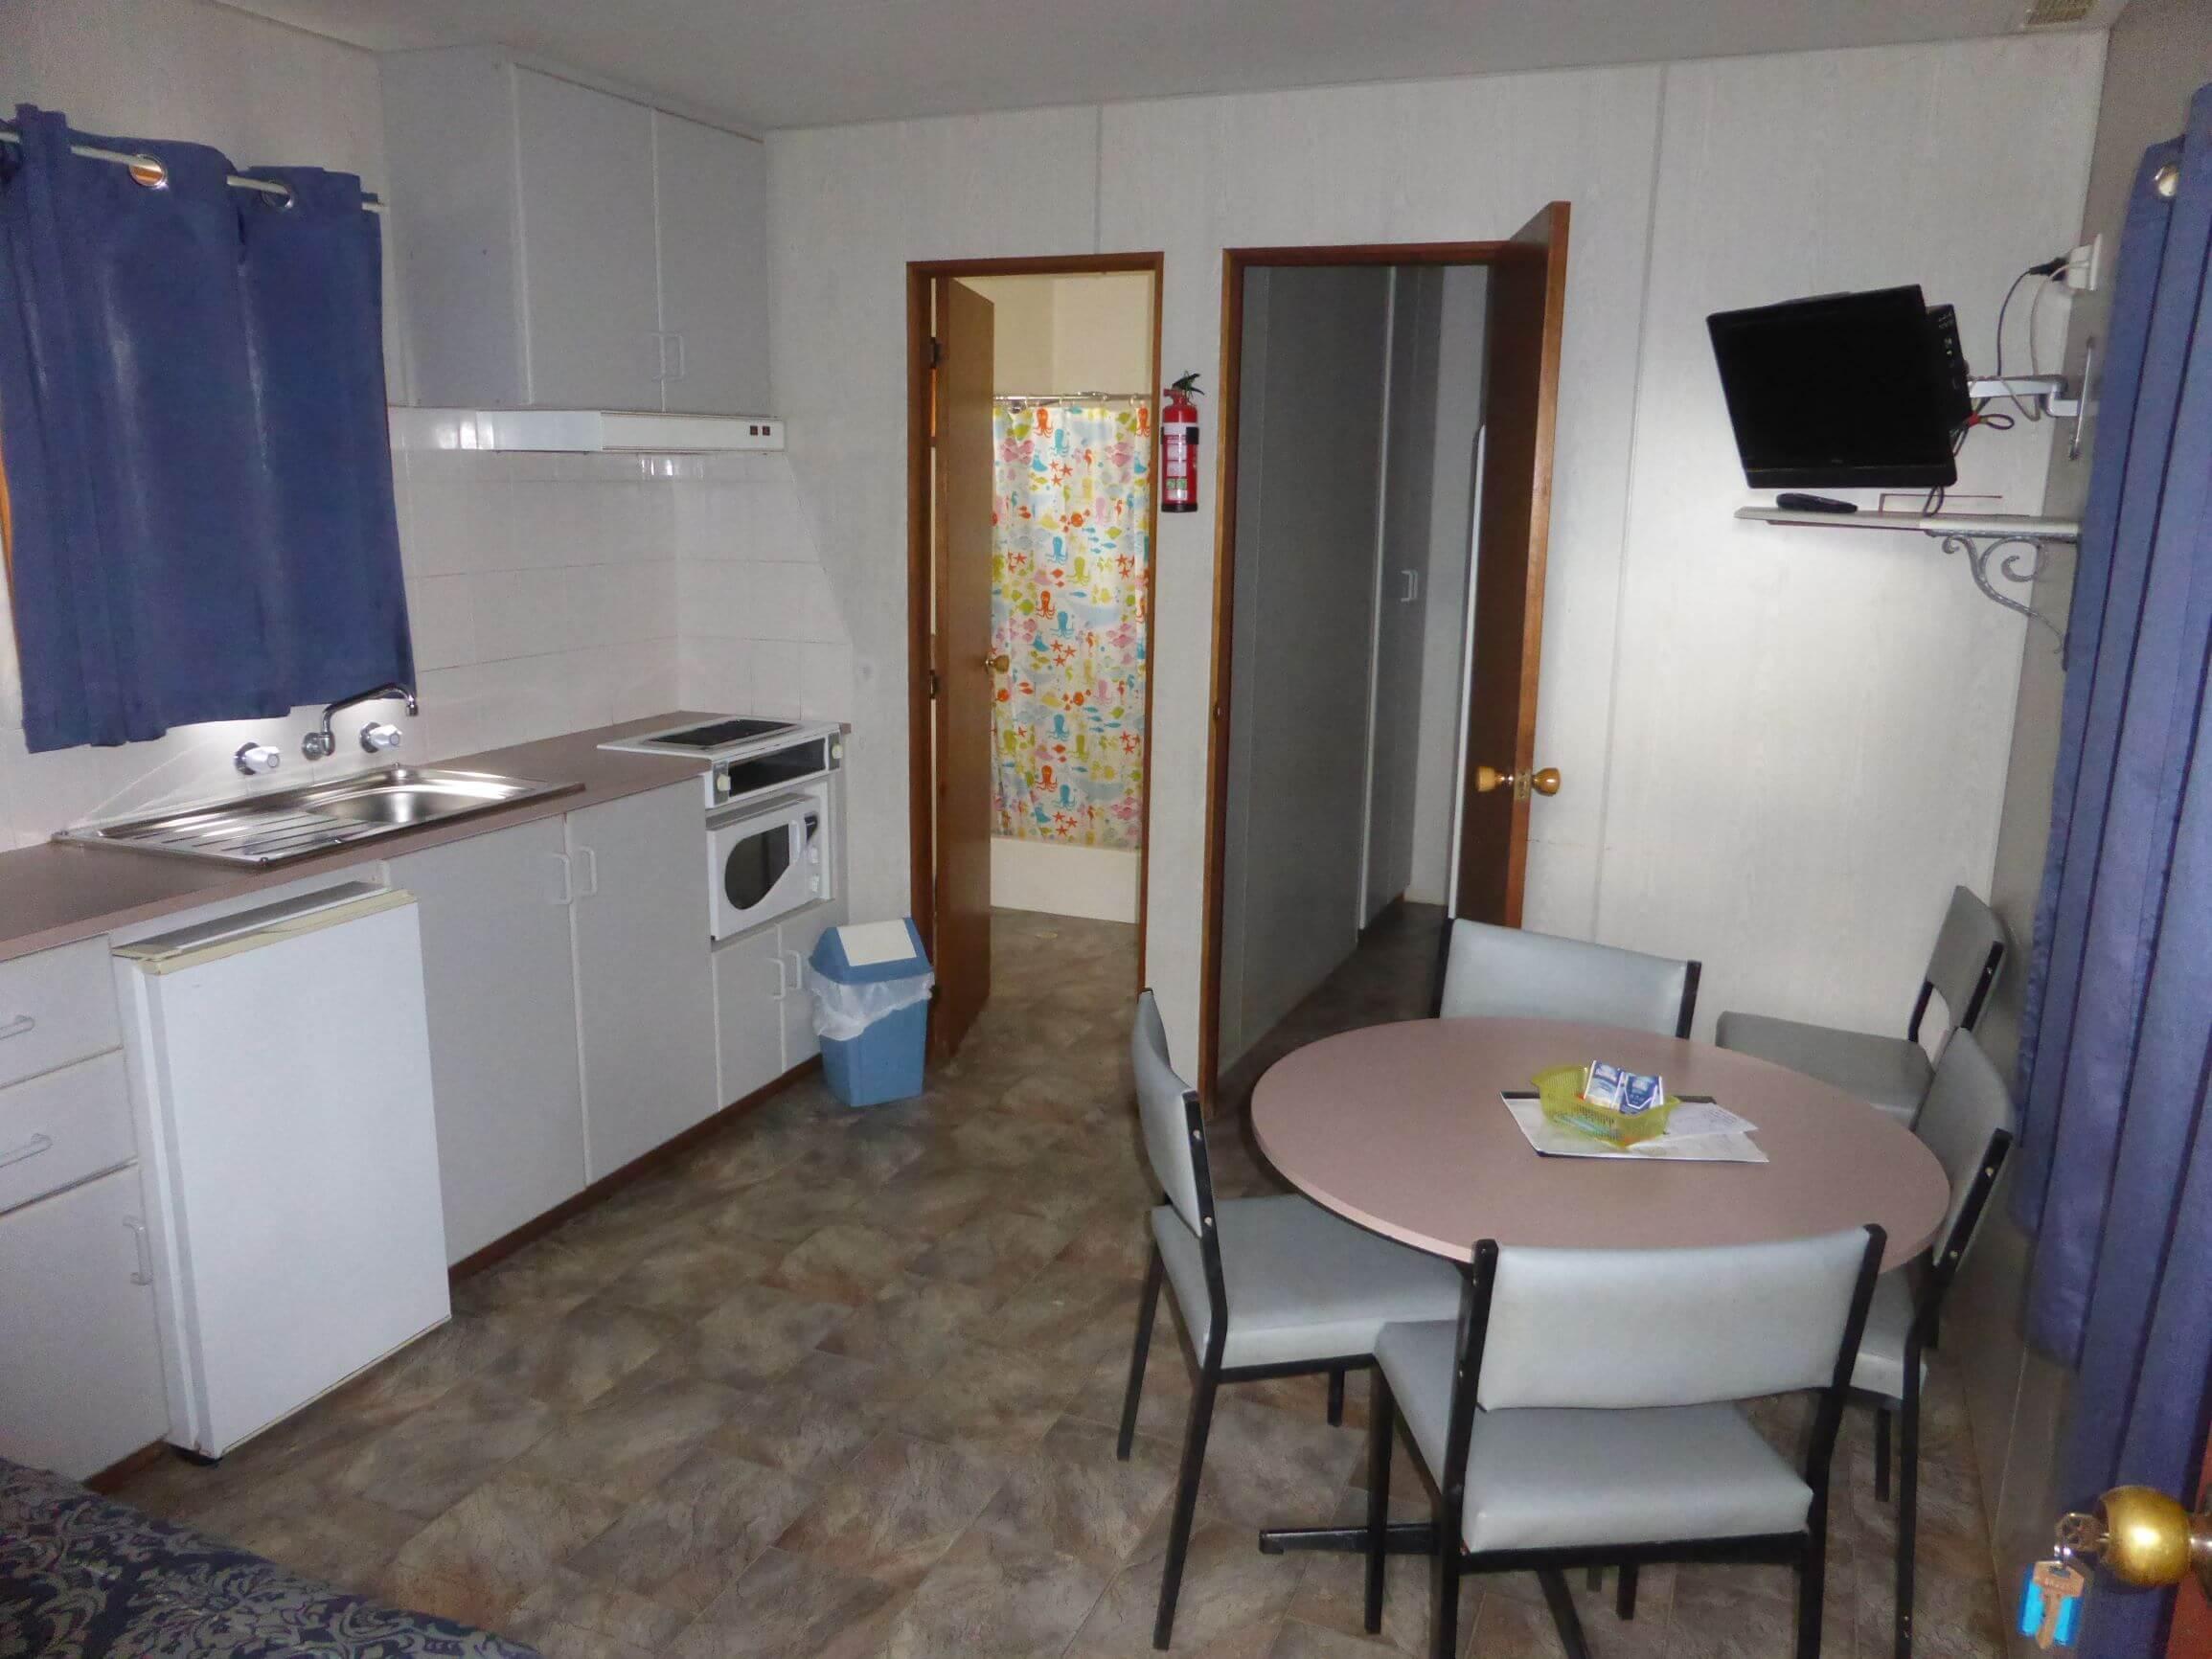 Cabin 1.2